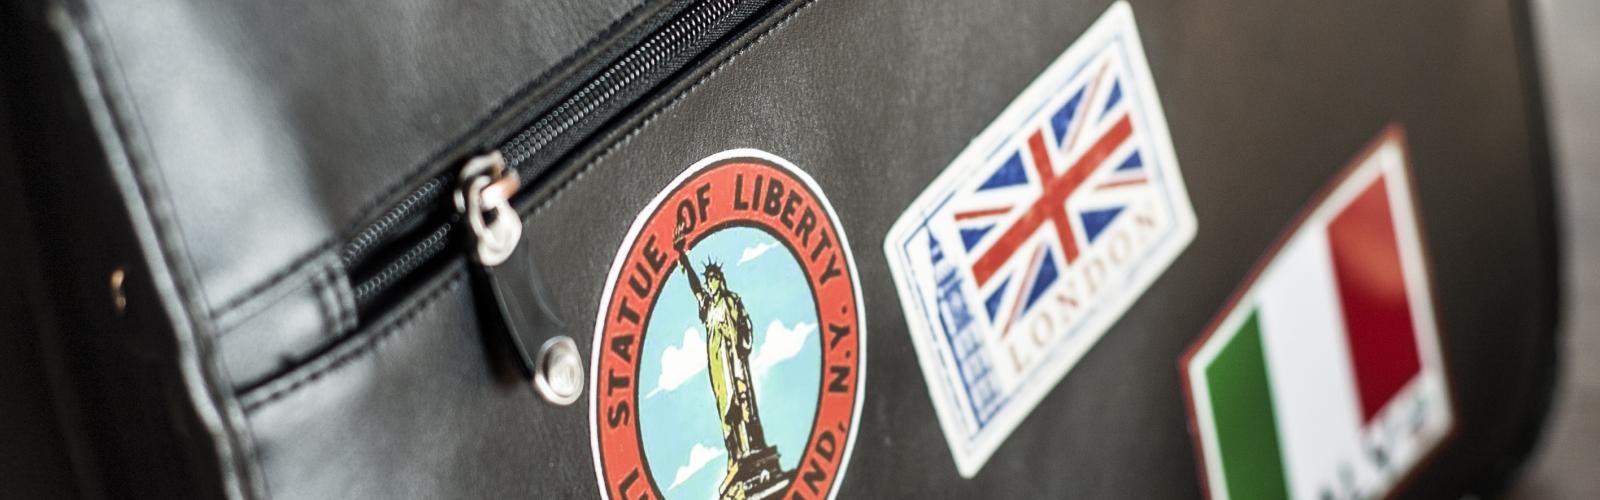 werktas waar stickers opgeplakt zijn van verschillende landen